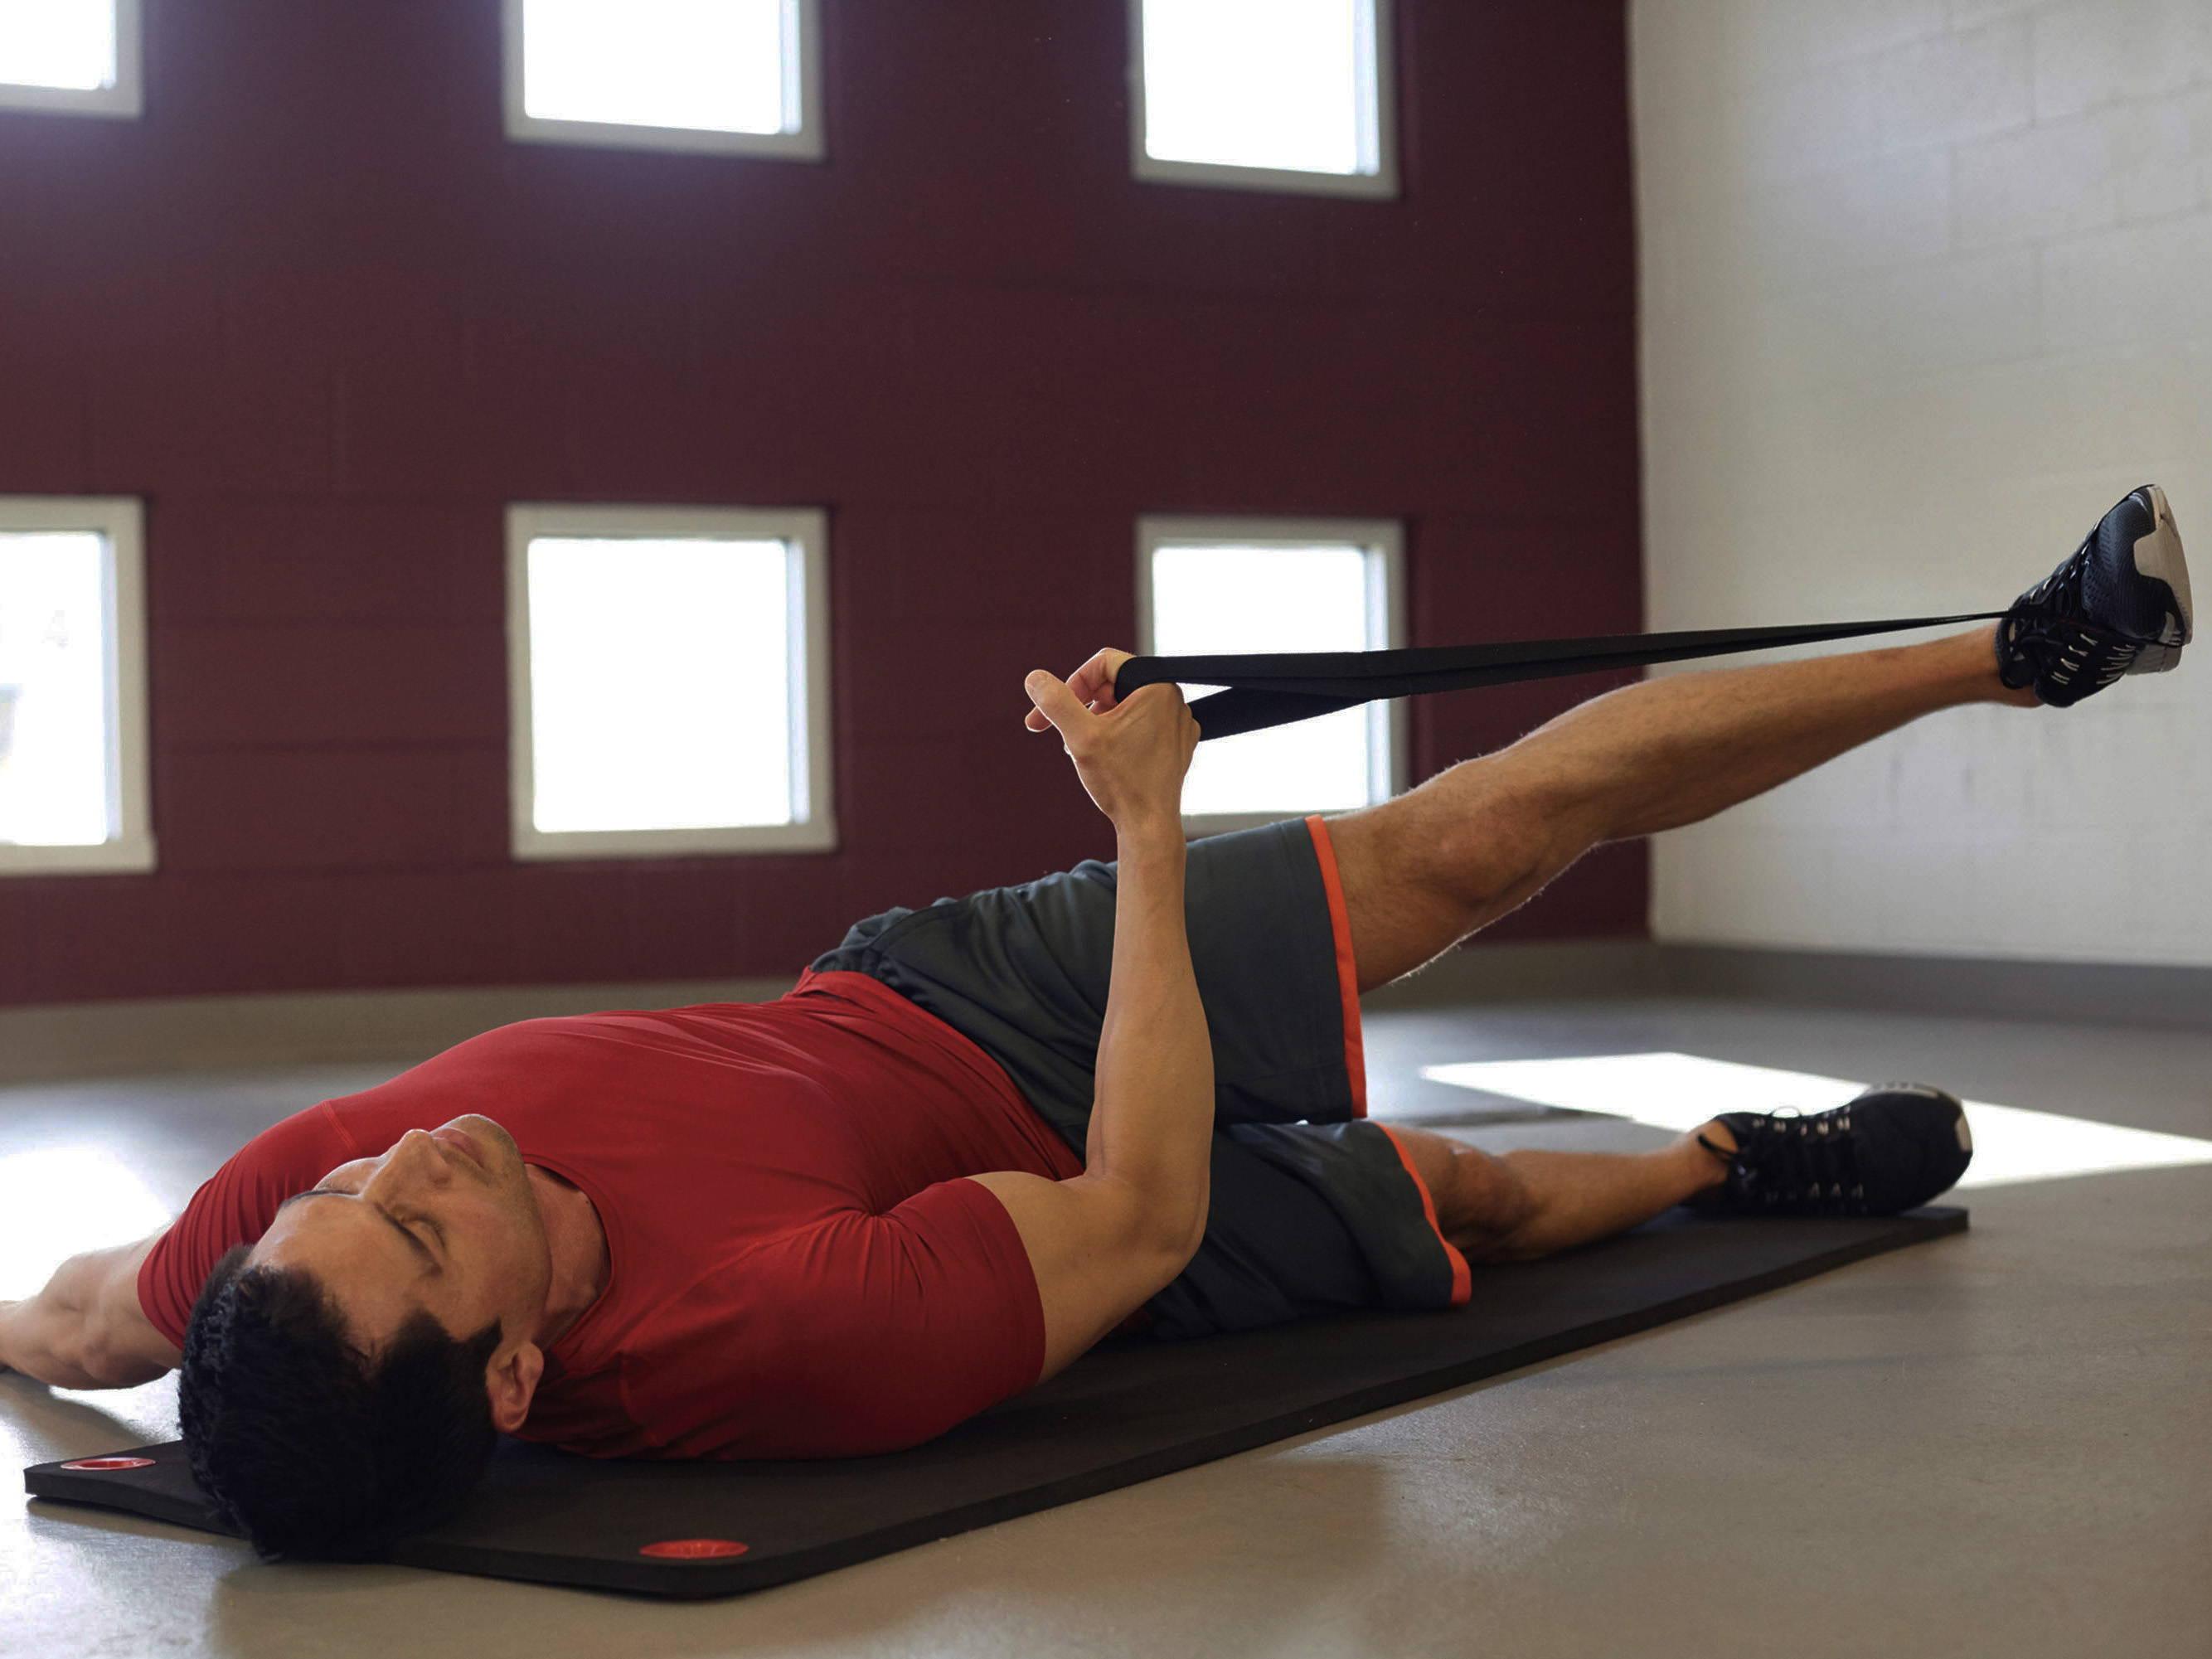 Xerstretch strap exercises